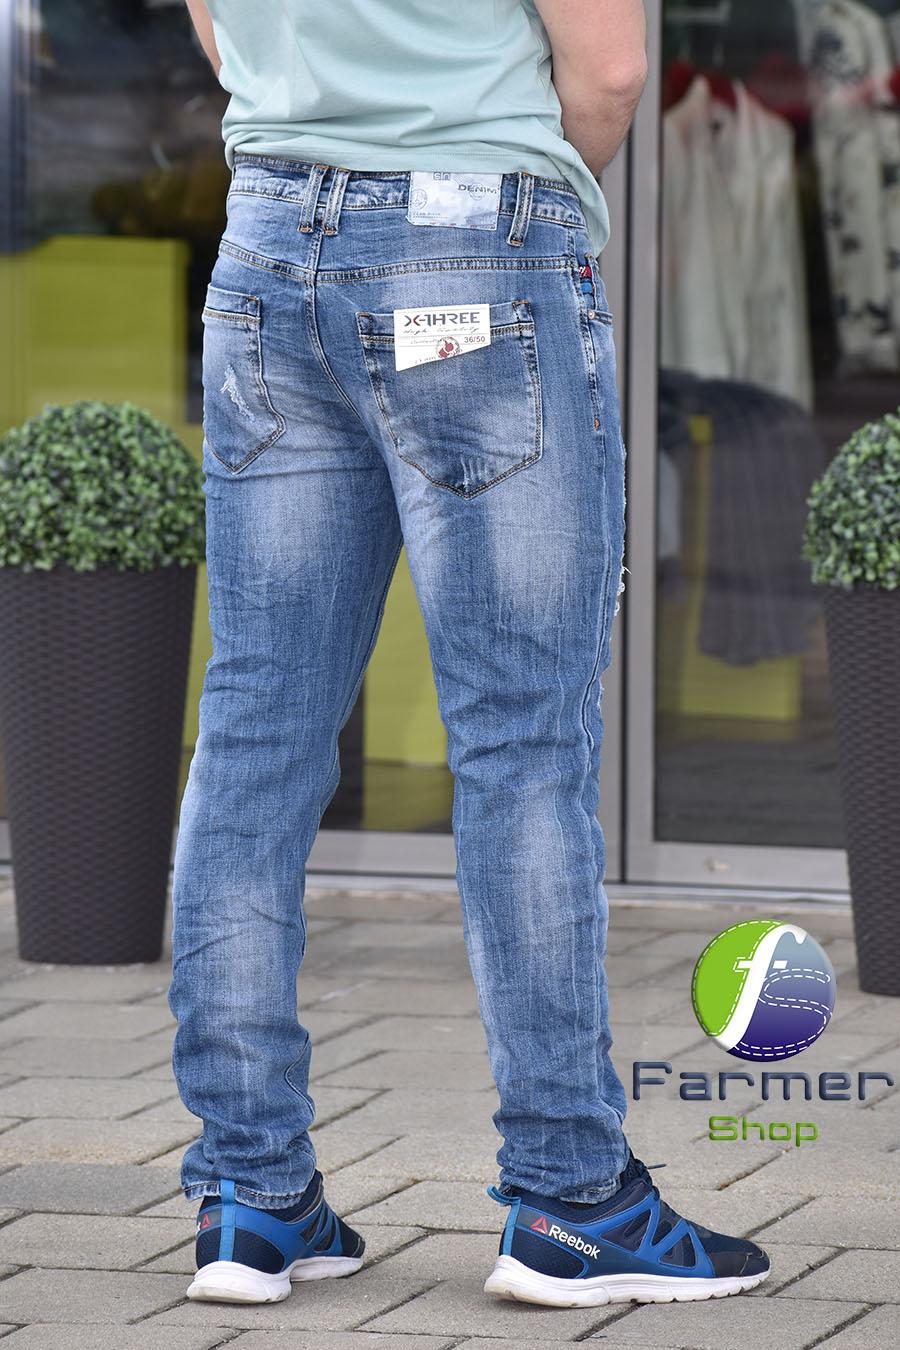 Férfi farmernadrág M 1054 | Farmer Stop Shop